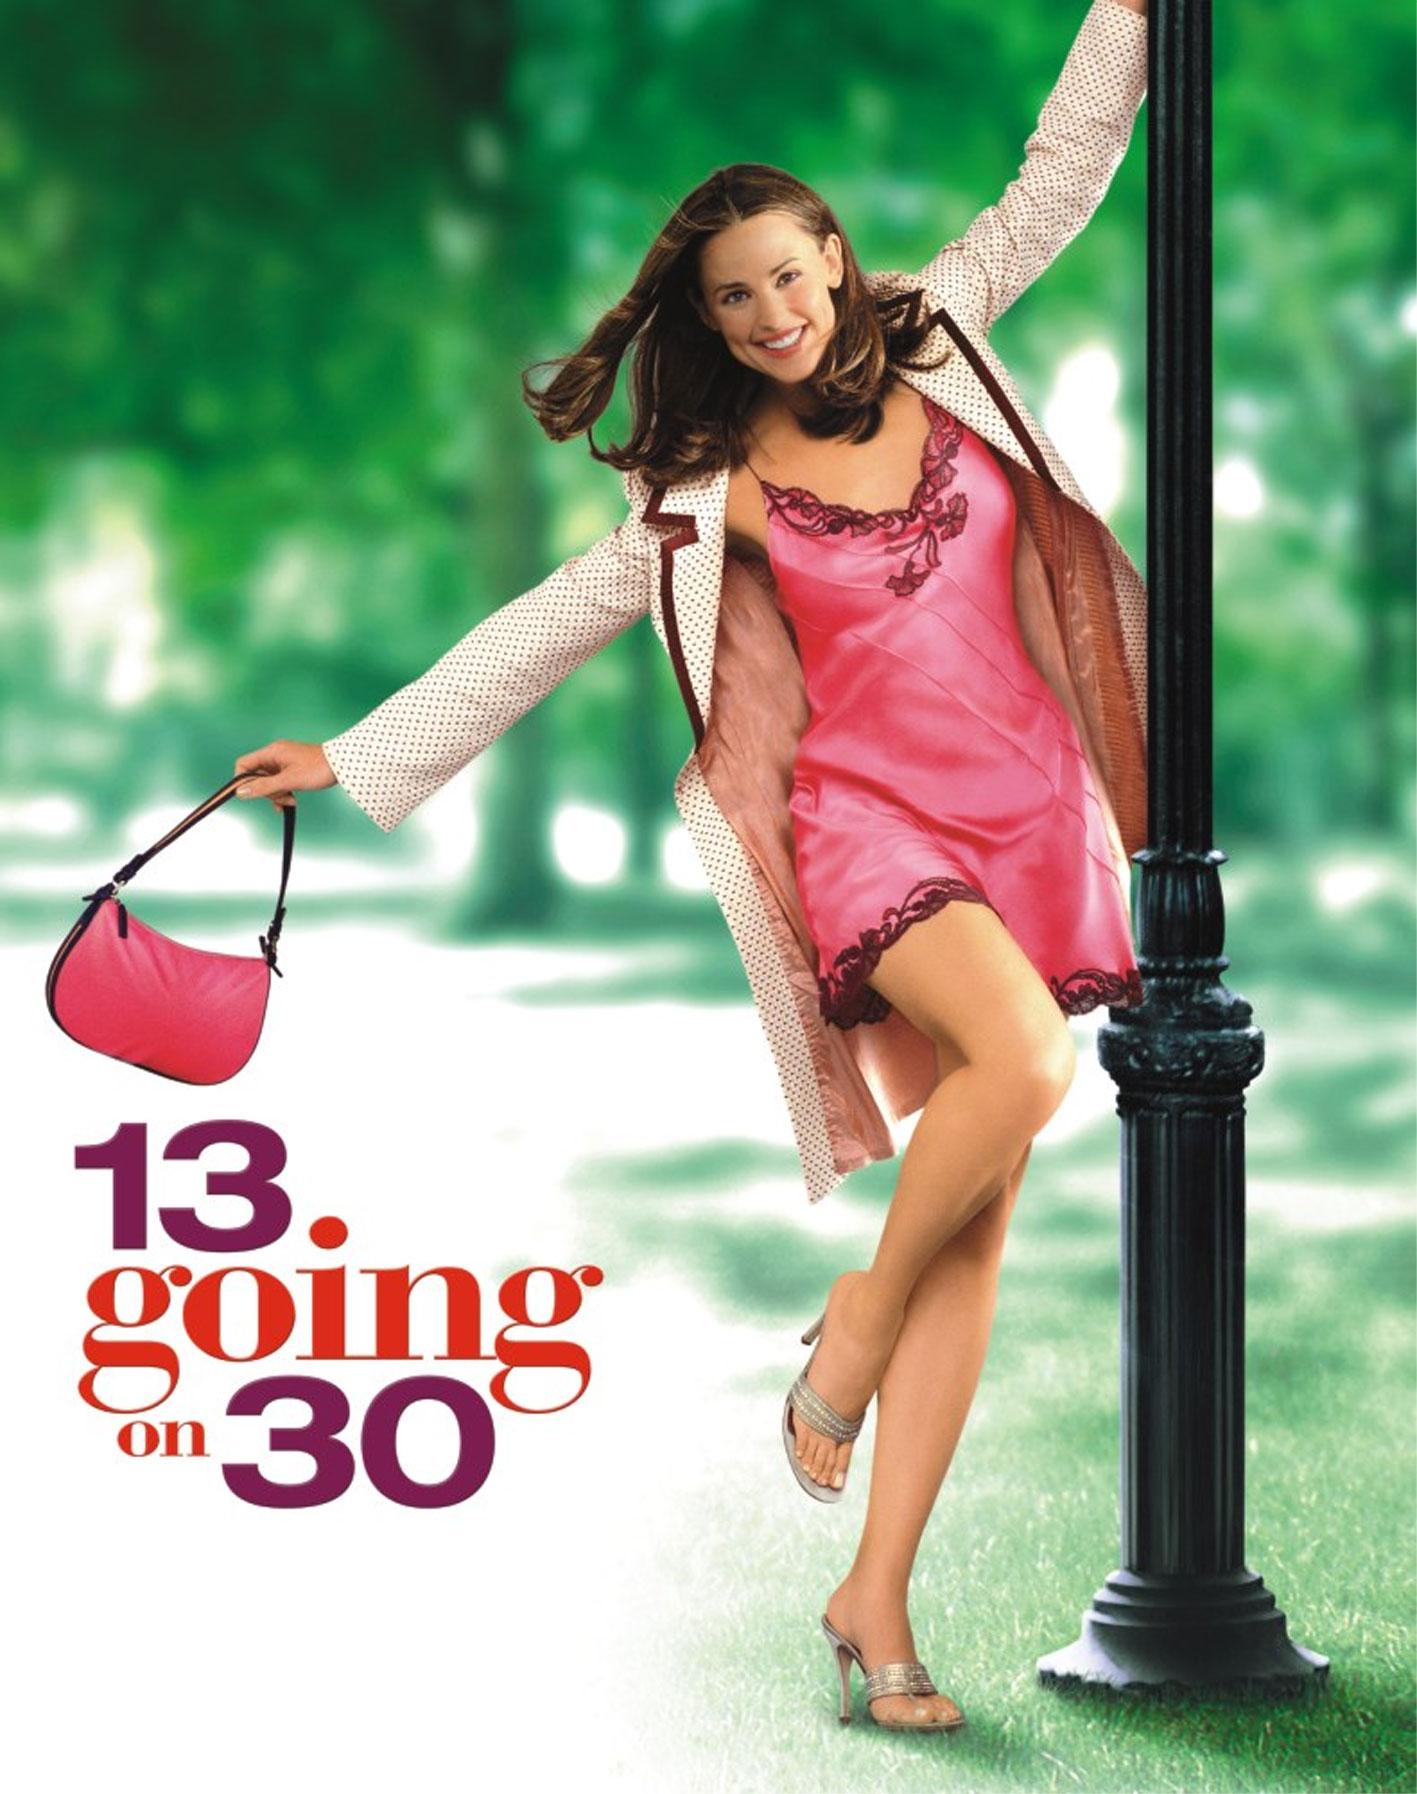 13 GOING ON 30 - ke�ke 30 olsam